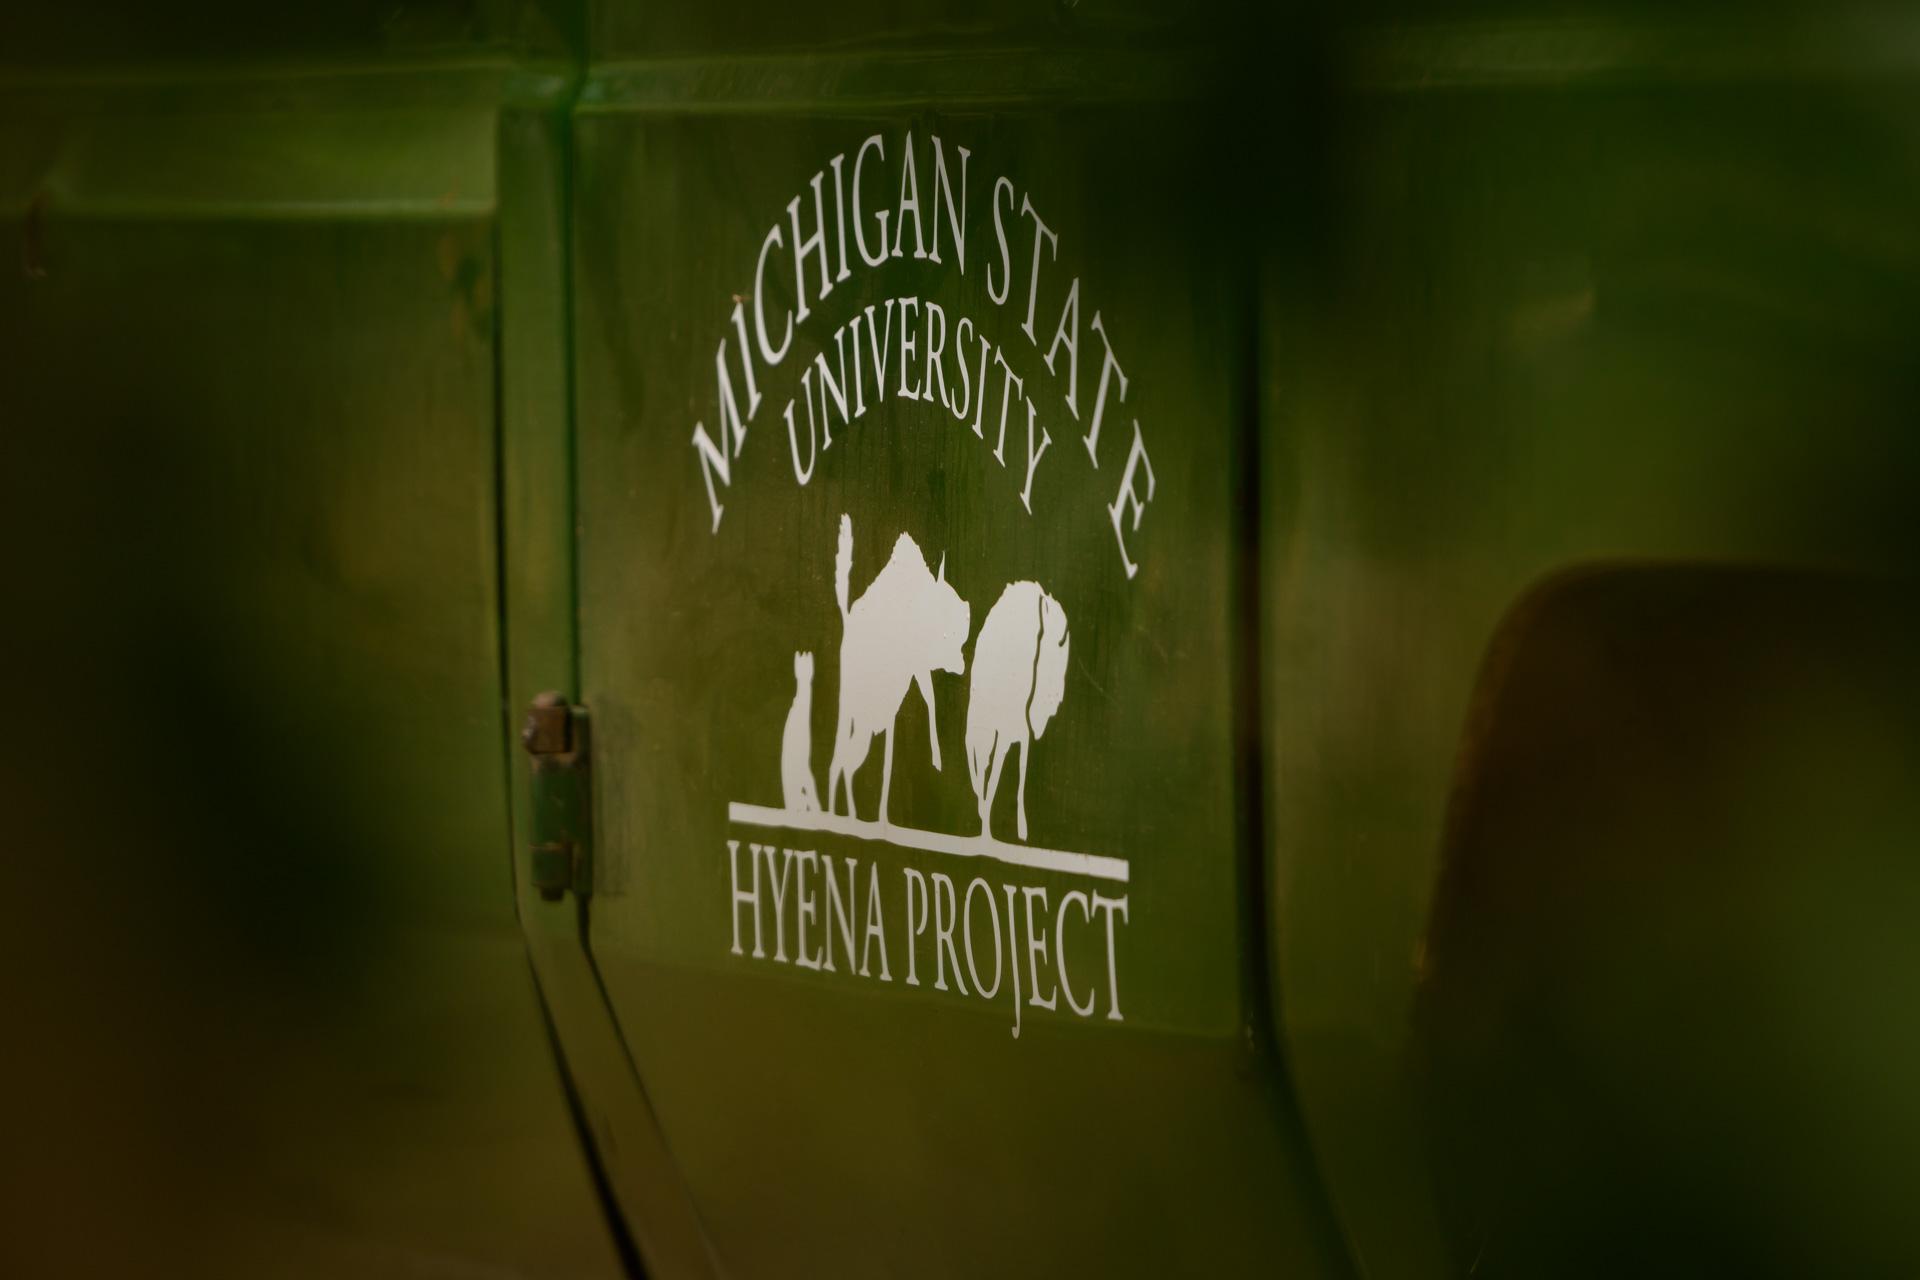 Mara hyena project